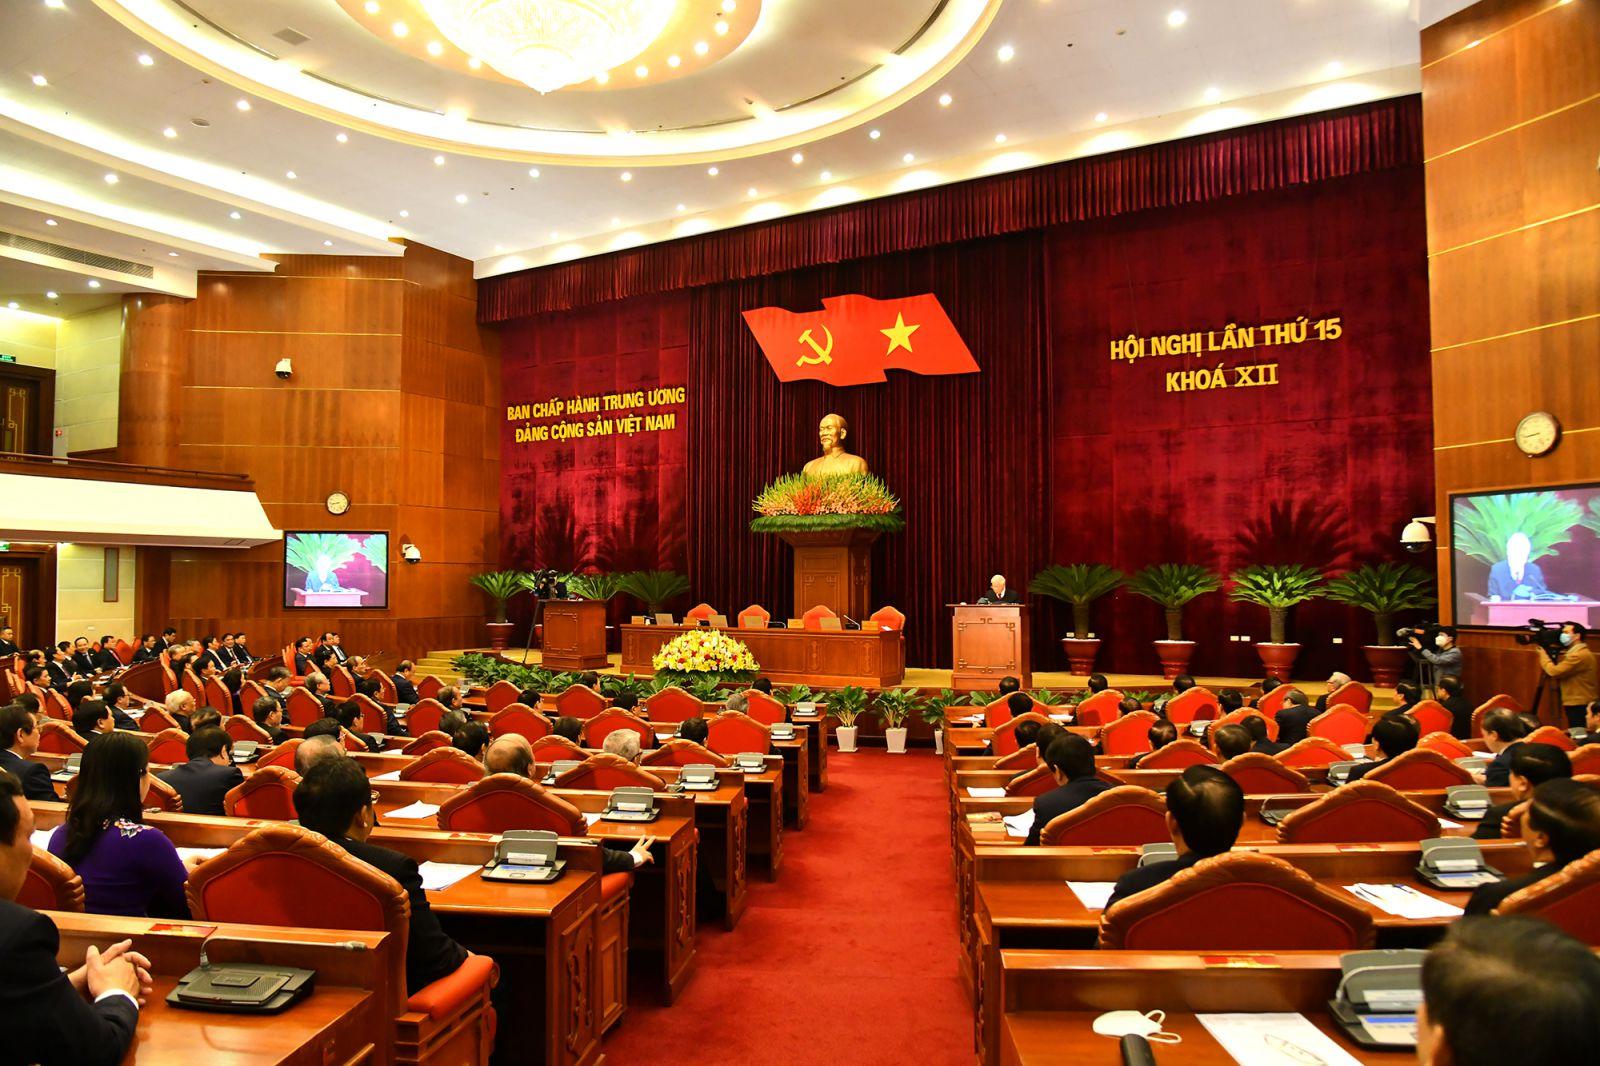 """Hội nghị Trung ương 15: Thông qua nhân sự """"đặc biệt"""" và danh sách đề cử lãnh đạo chủ chốt khóa mới"""